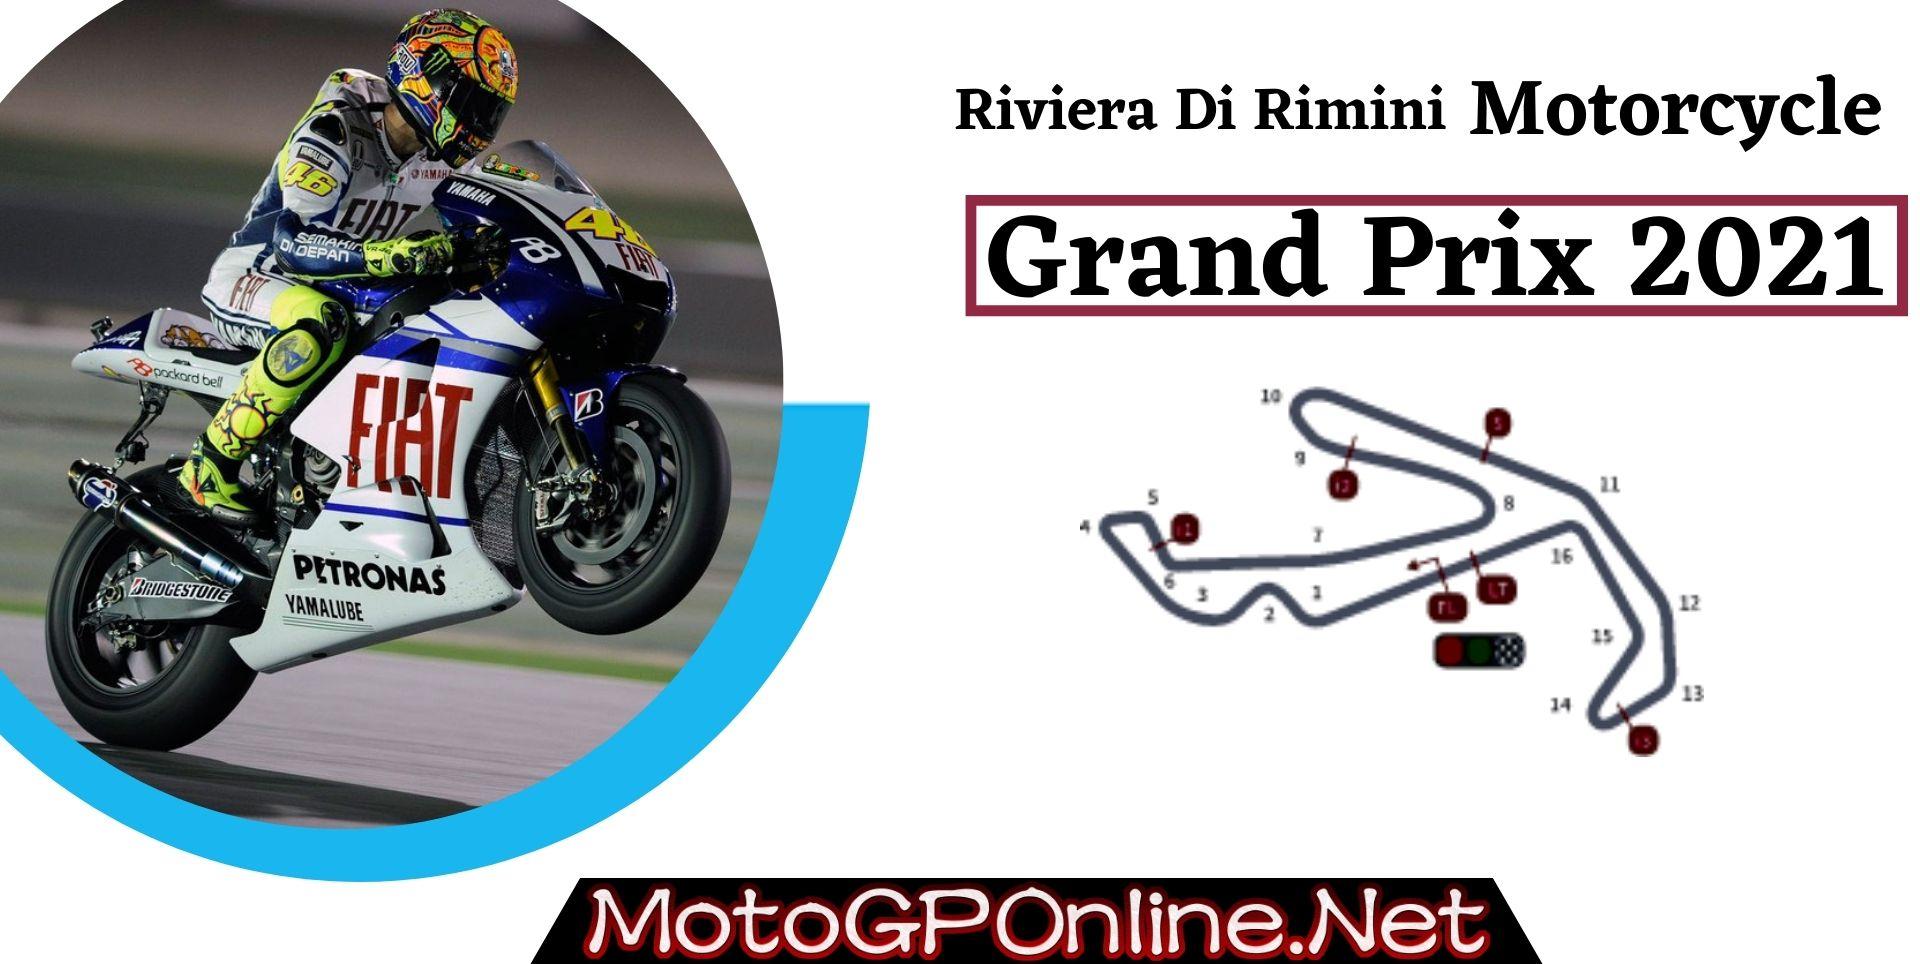 Riviera Di Rimini Grand Prix Live MotoGP 2021 | Full Race Replay